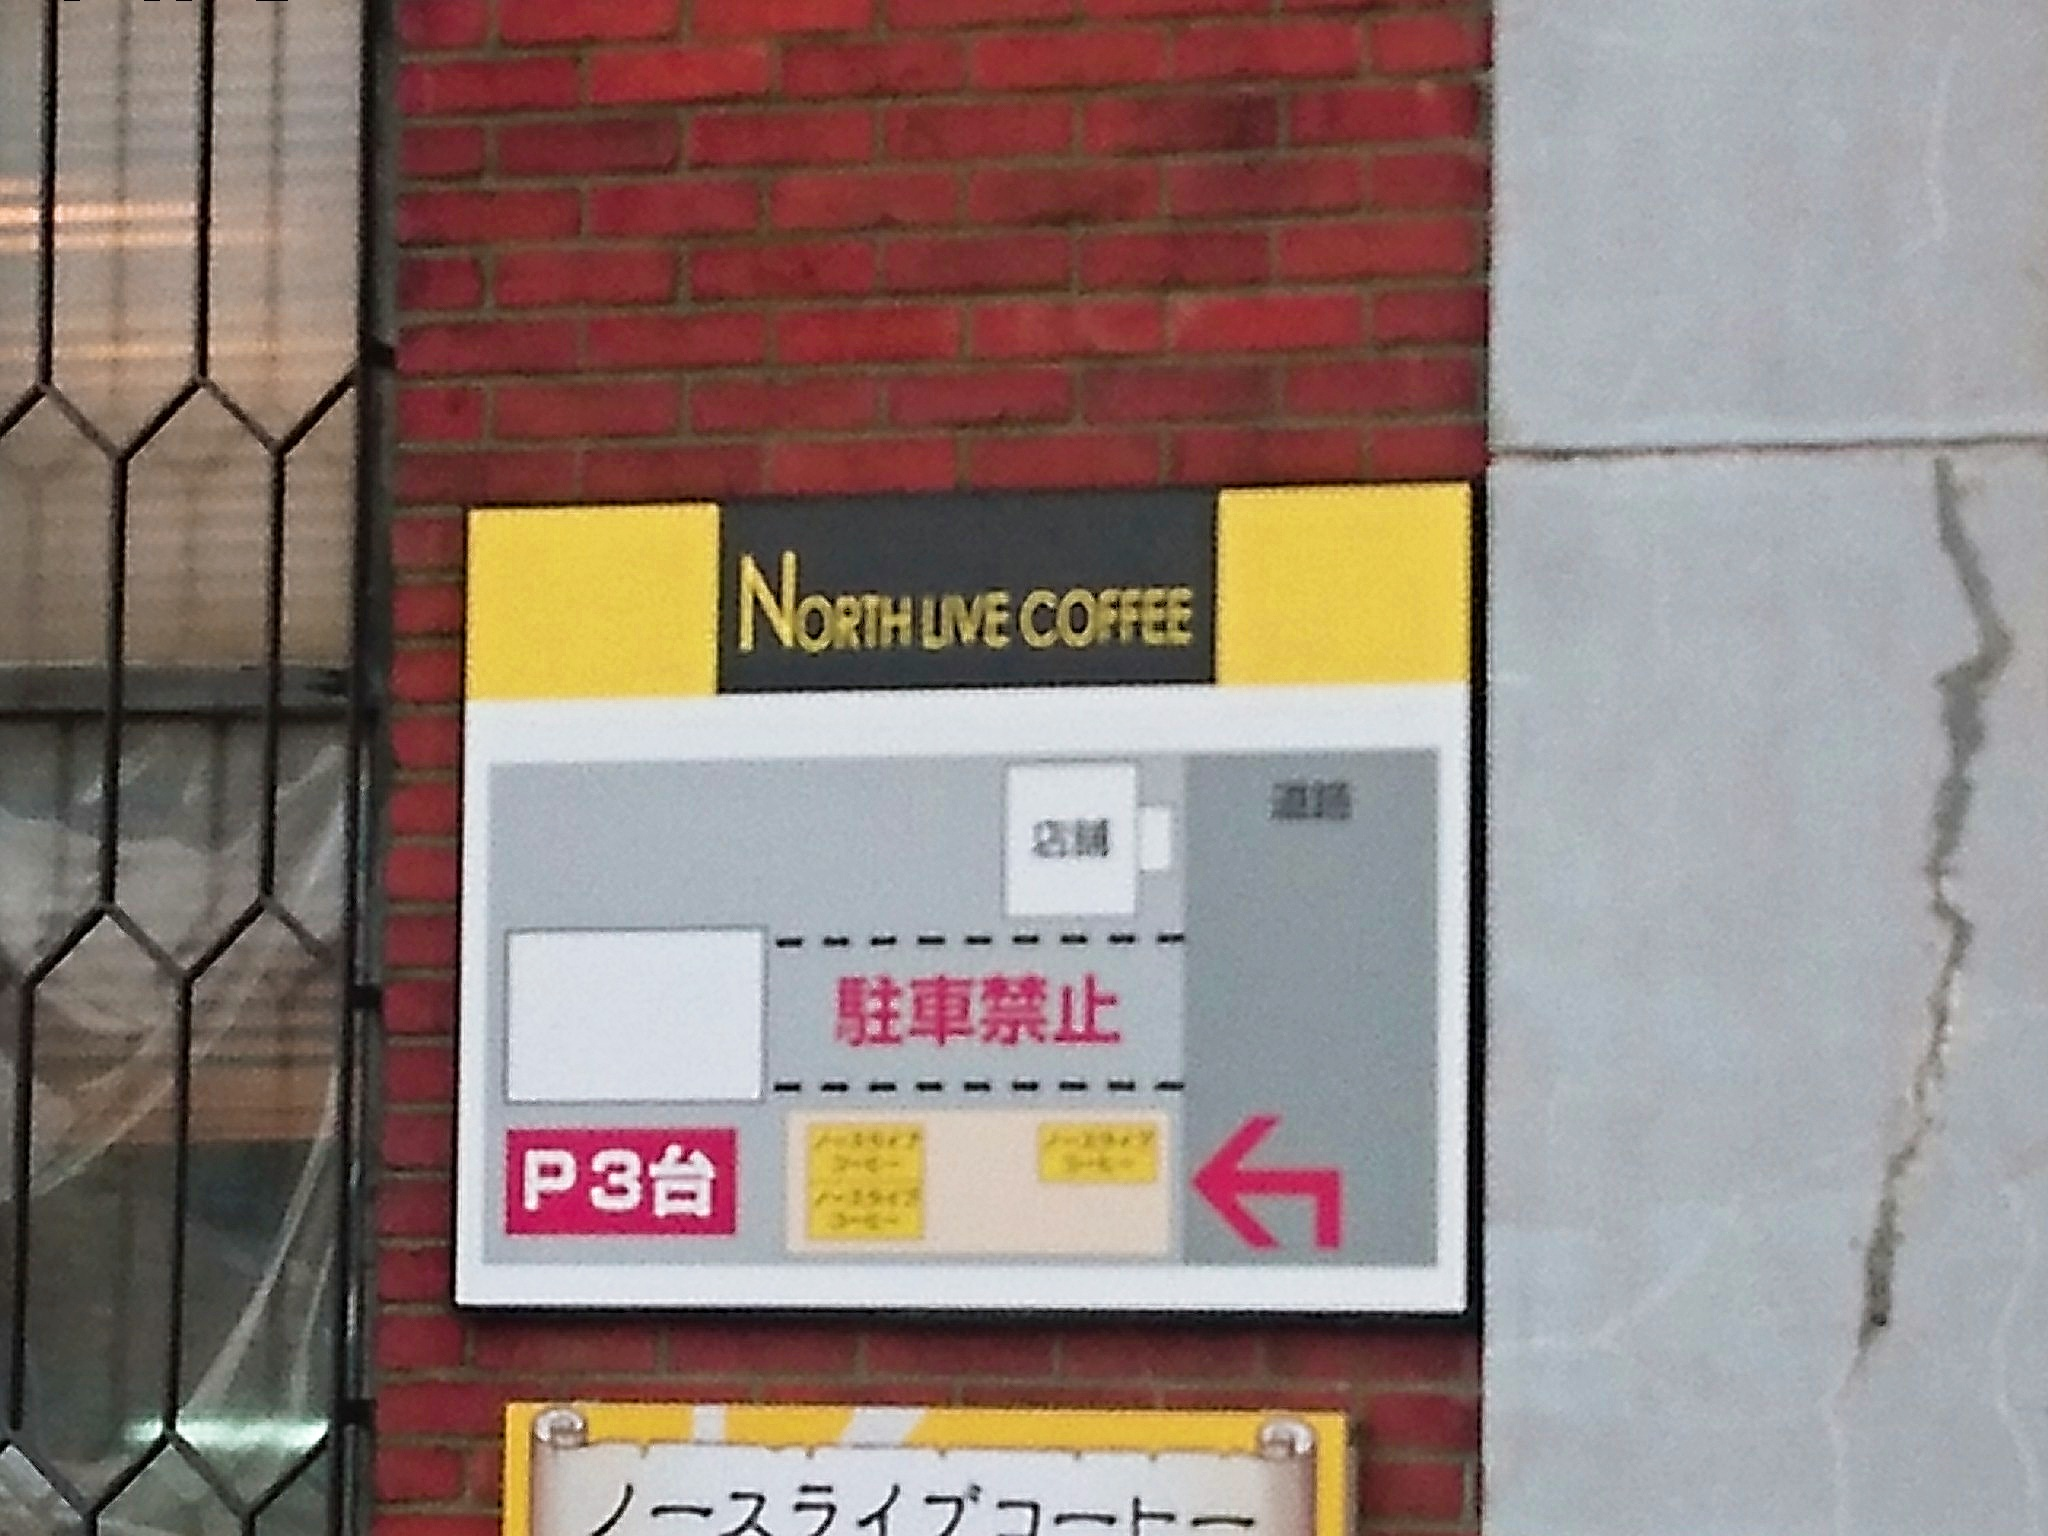 ノースライブコーヒー 駐車場図